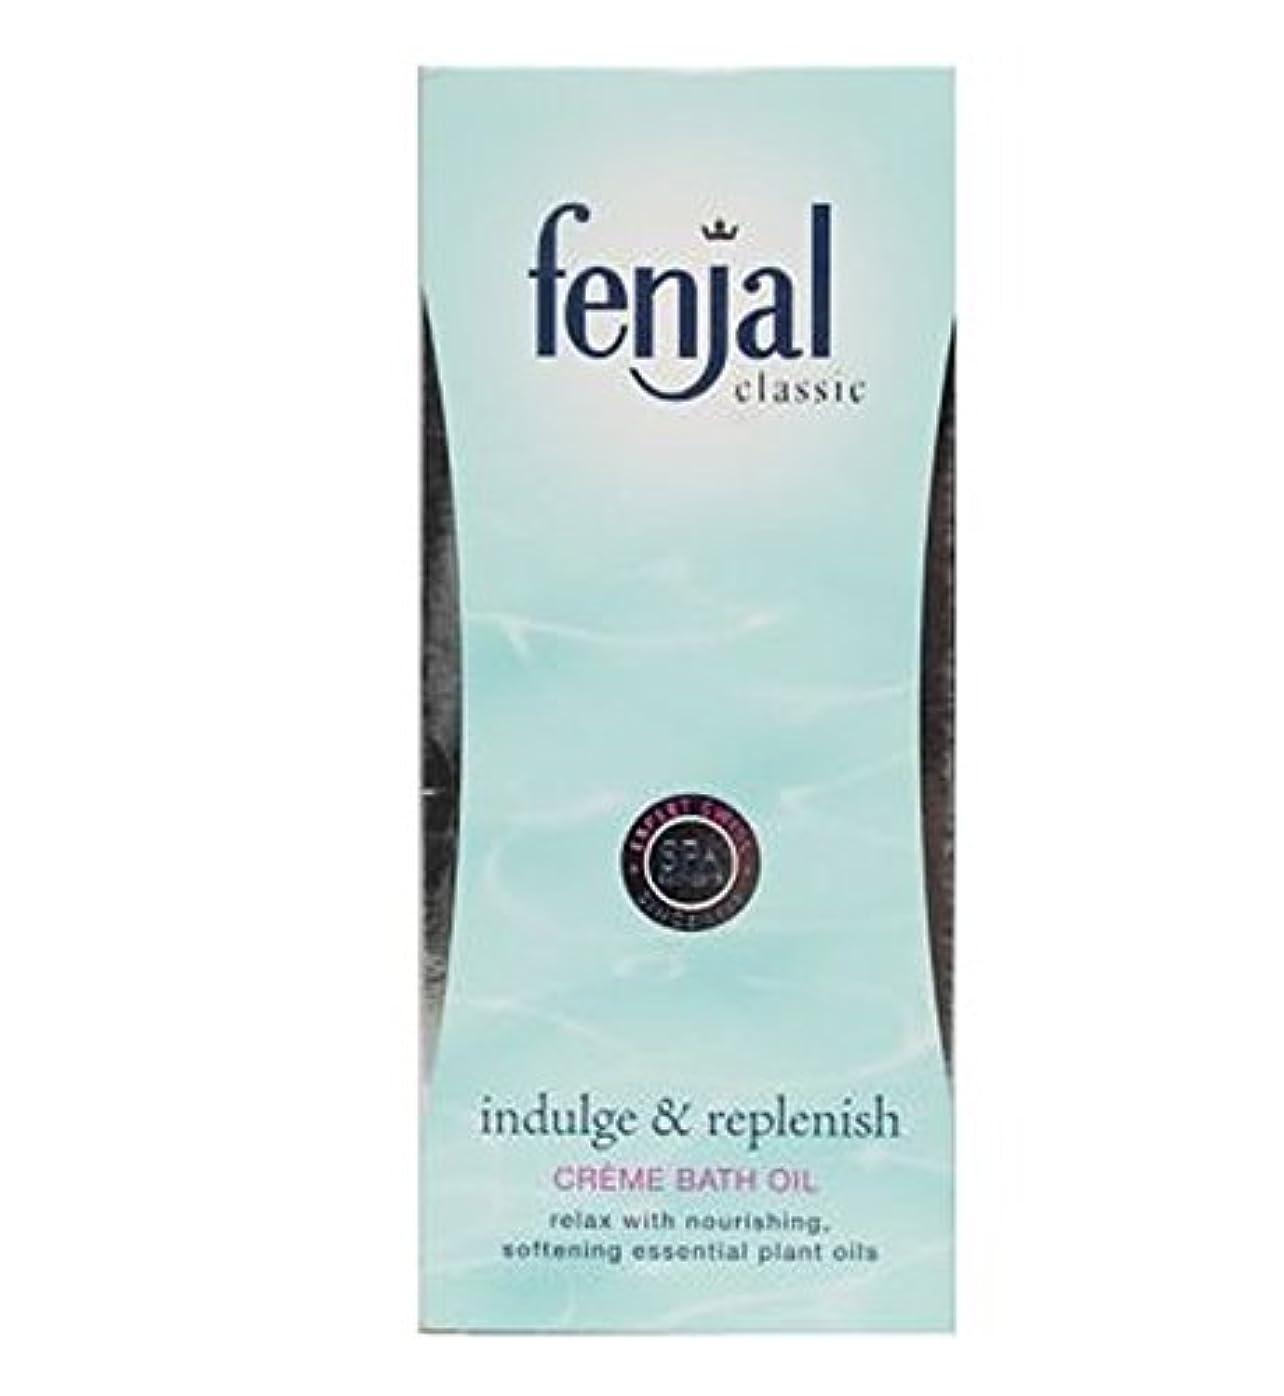 キャプテンブライメディア書くFenjal古典的な高級クリームバスオイル125ミリリットル (Fenjal) (x2) - Fenjal Classic Luxury Creme Bath Oil 125 ml (Pack of 2) [並行輸入品]